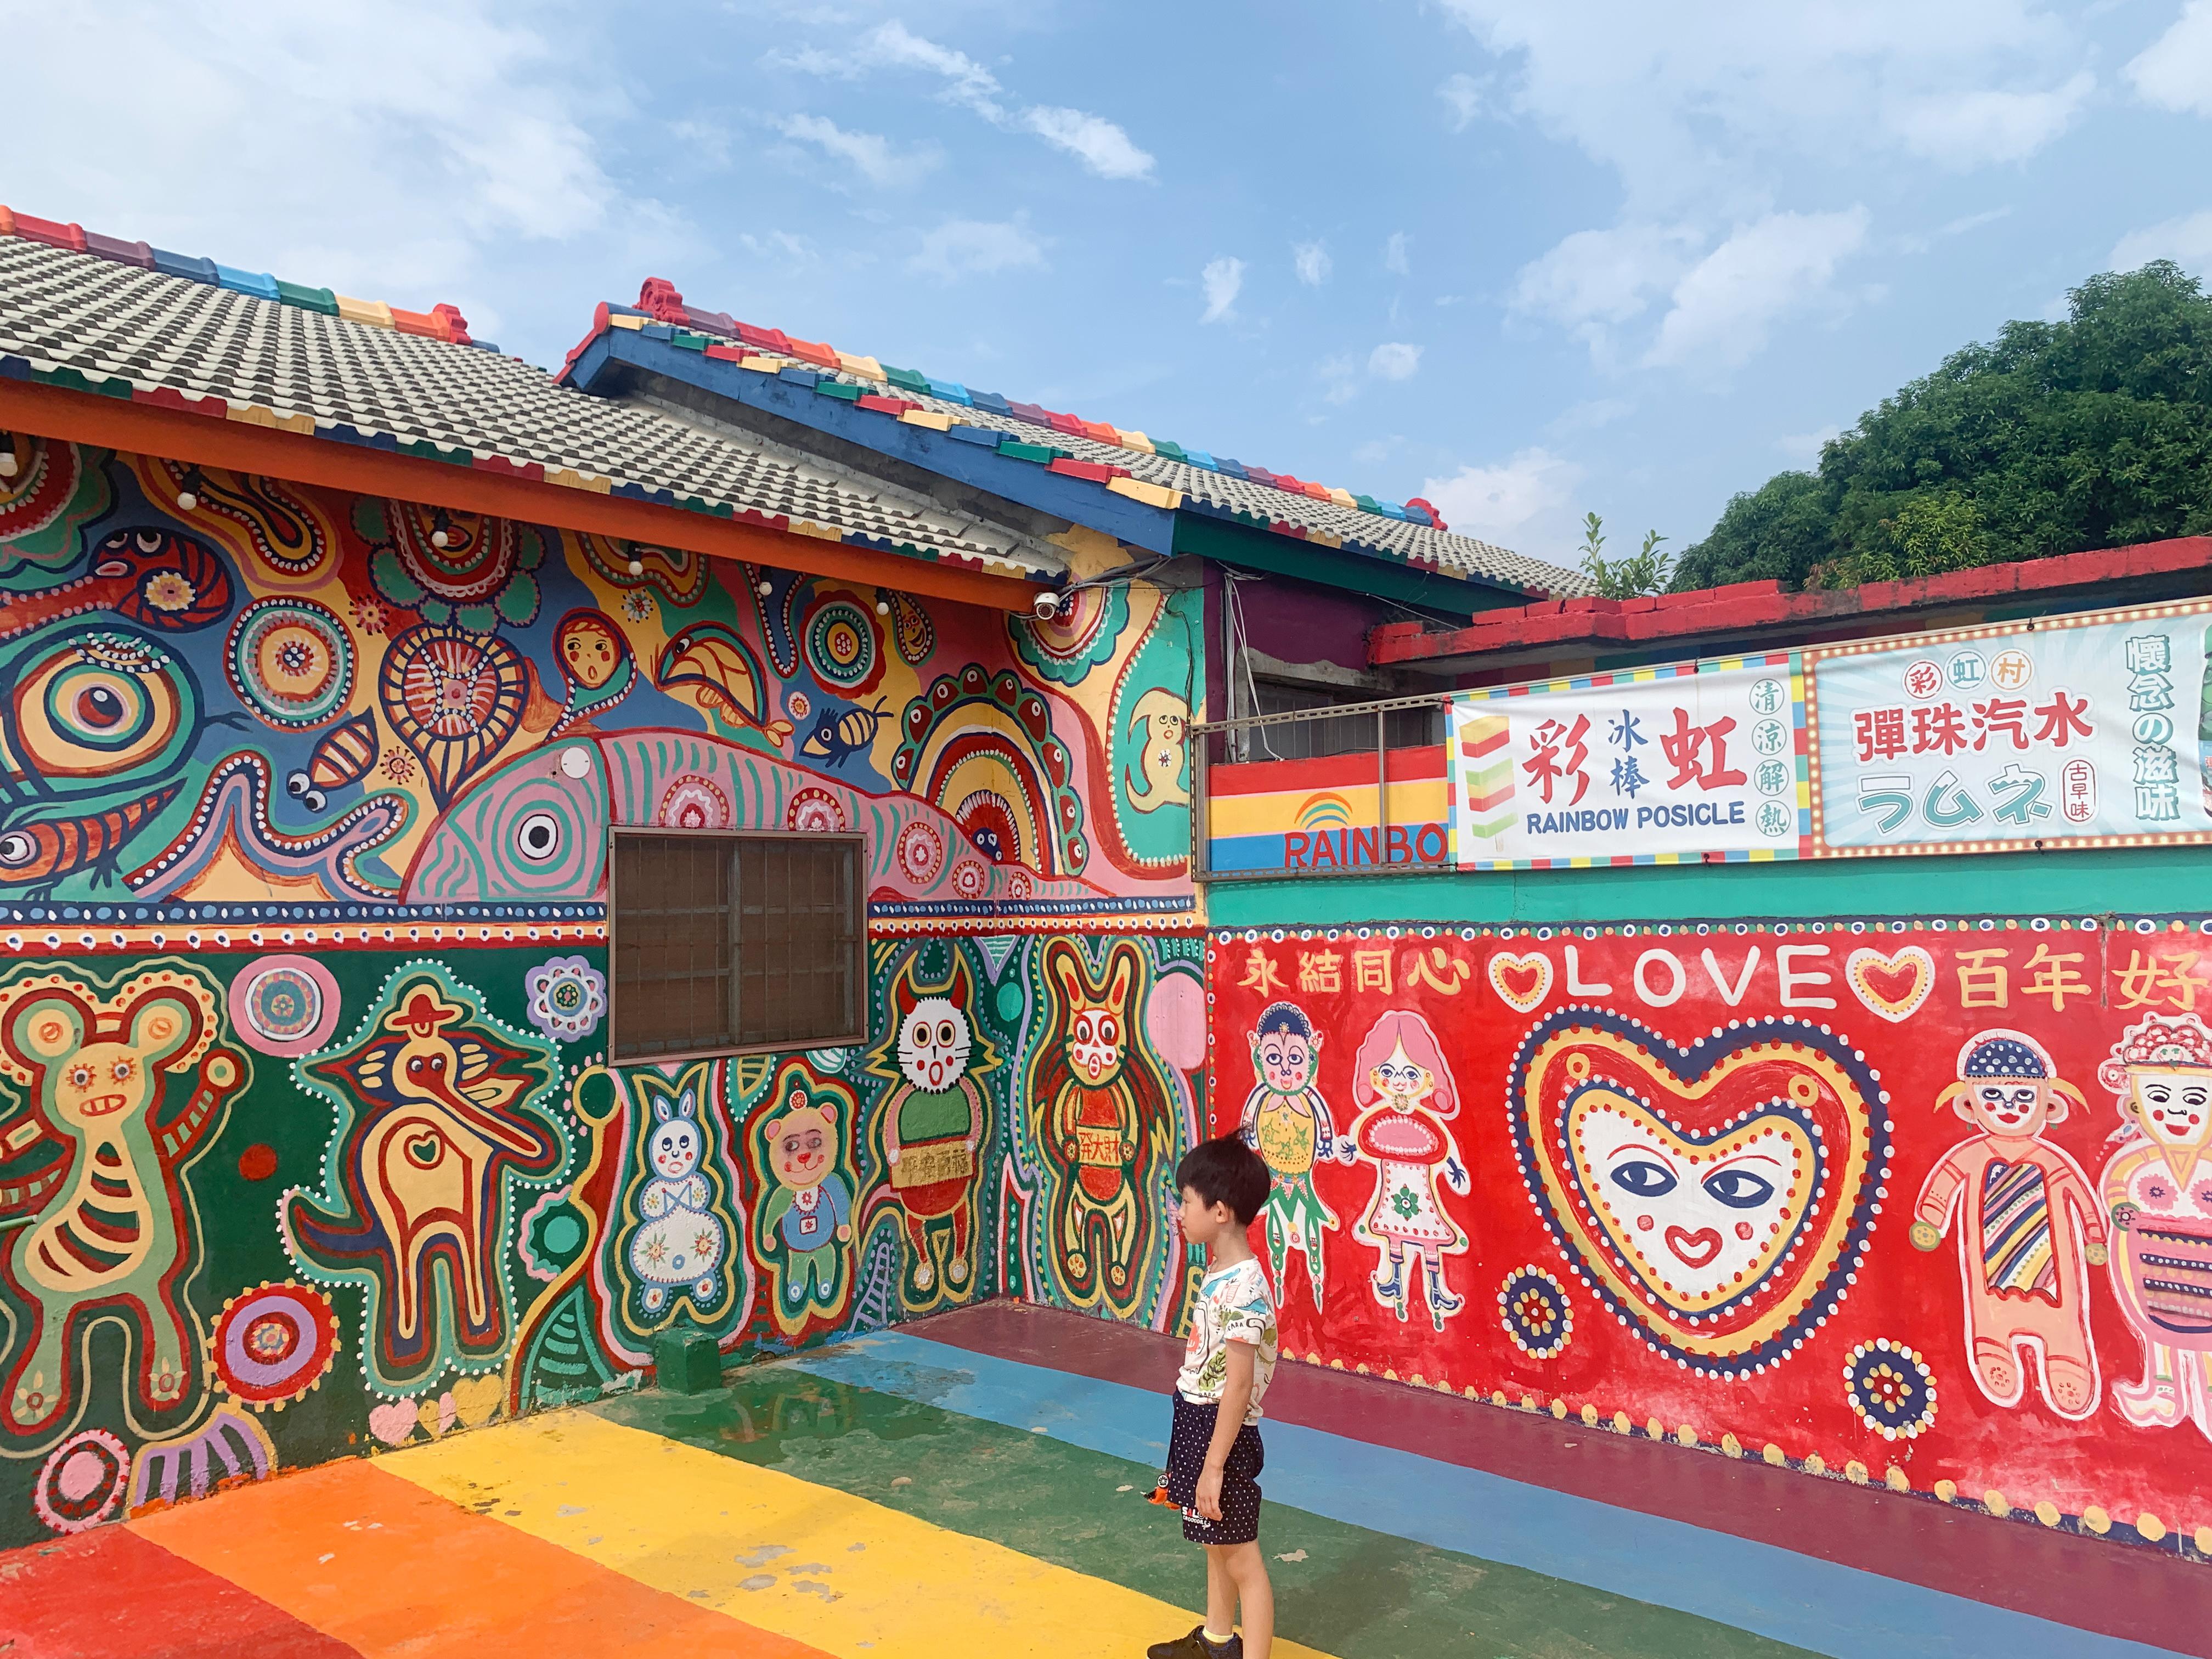 彩虹眷村の景色